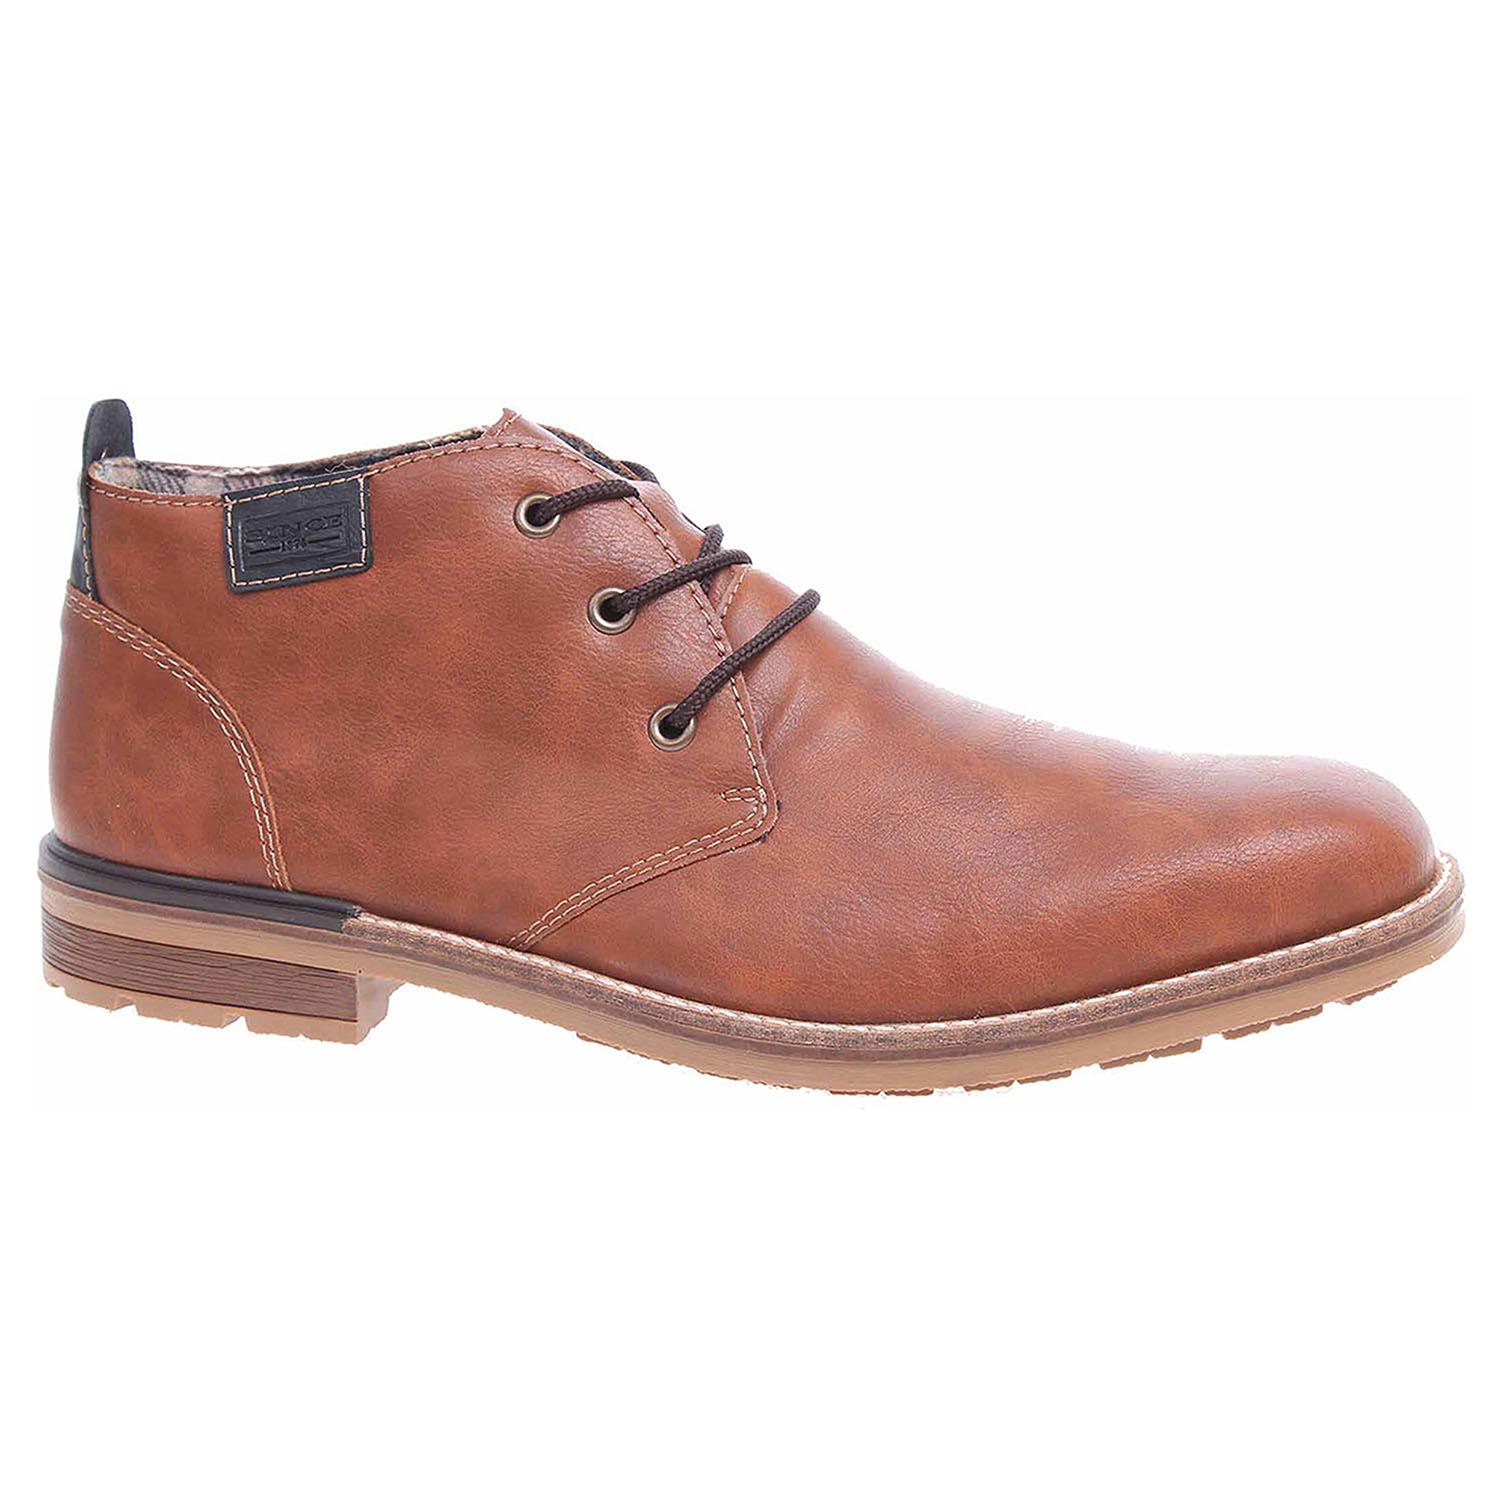 Pánská kotníková obuv Rieker B1340-22 hnědé B1340-22 45